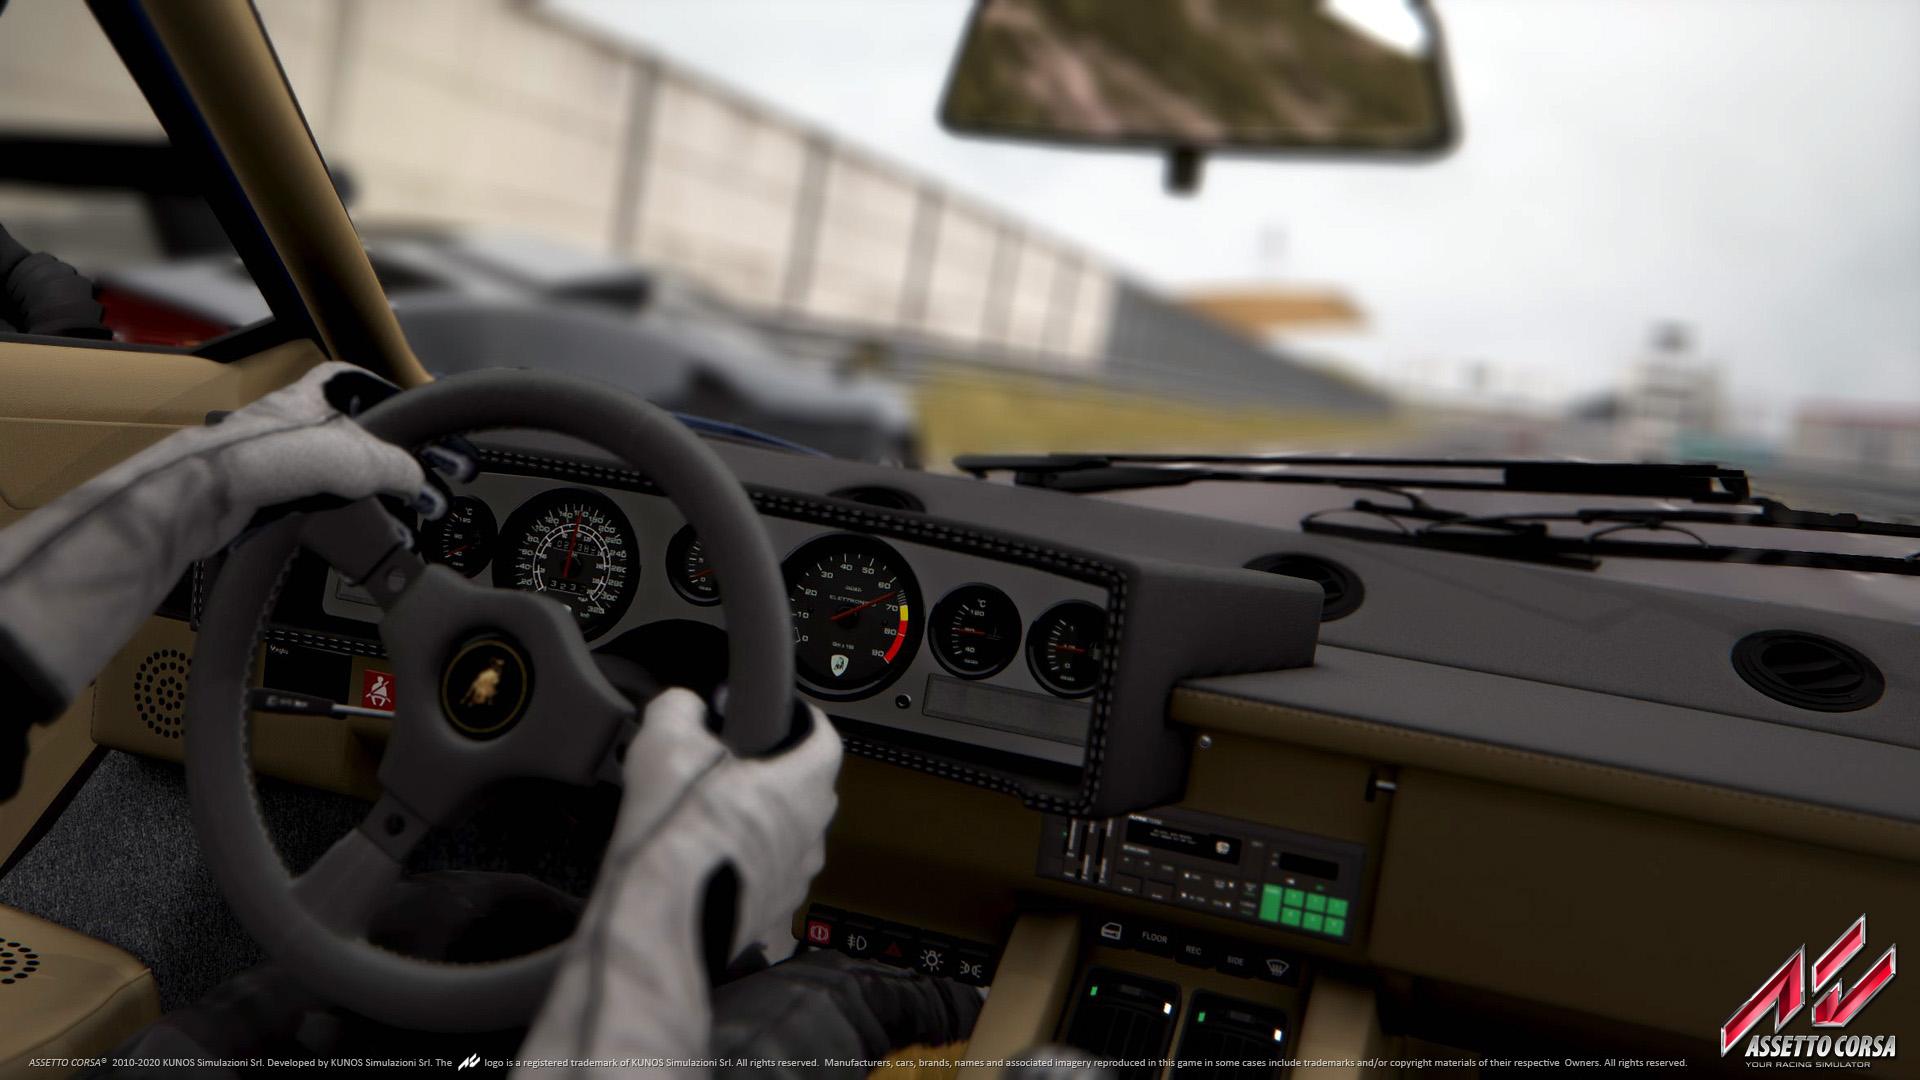 Devět nových vozů a spousta vylepšení pro Assetto Corsa 114822